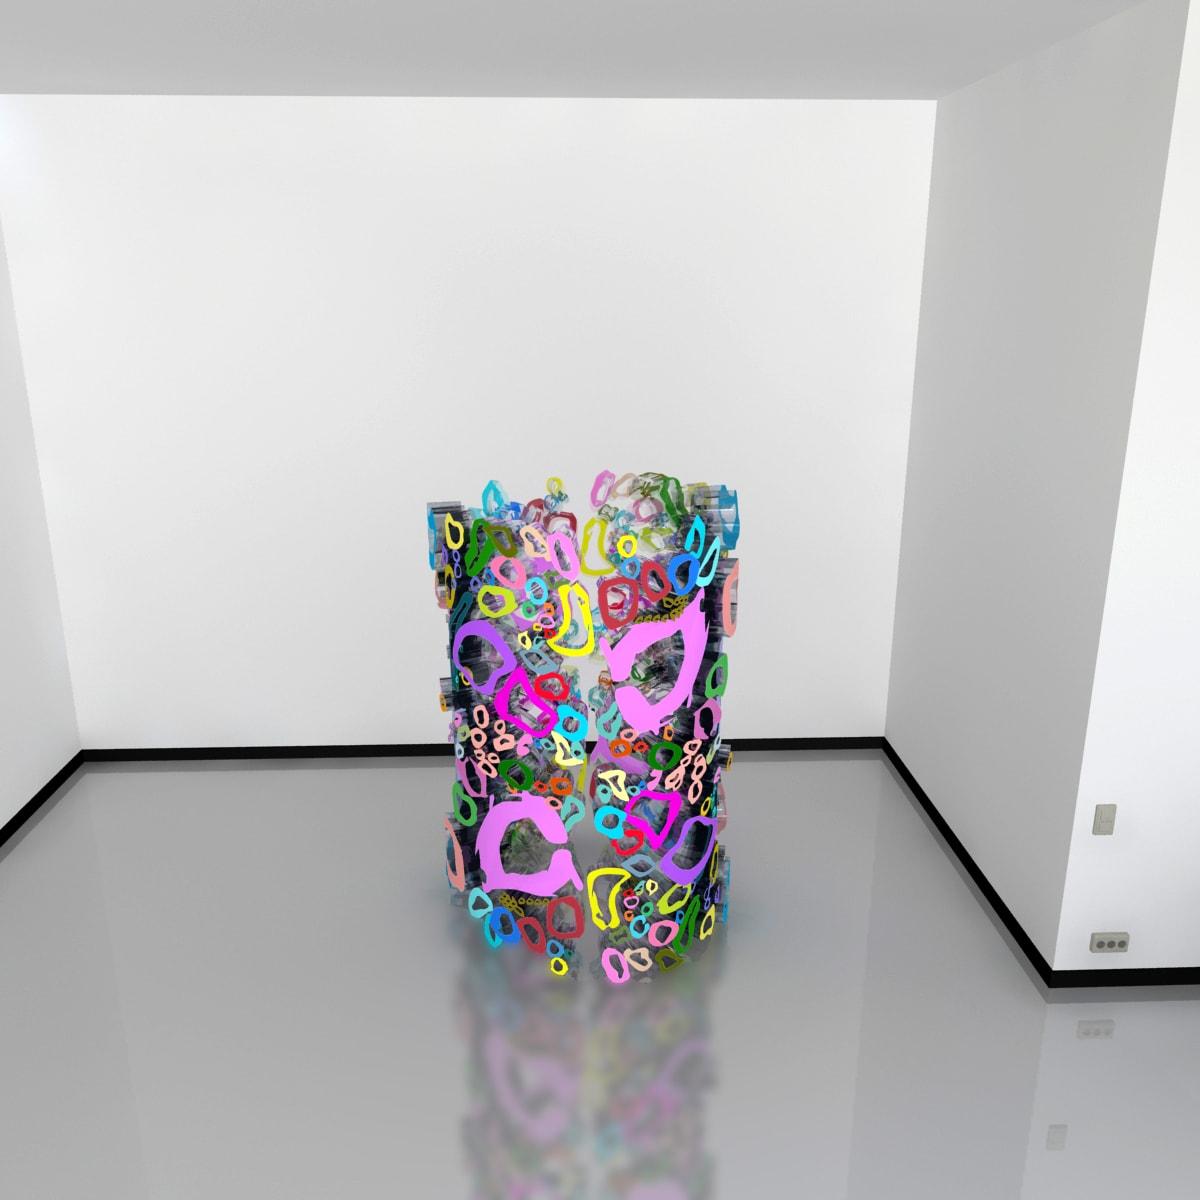 ET´s-Mind-luzius-ziermann-sculpture-acrylics-private-museum